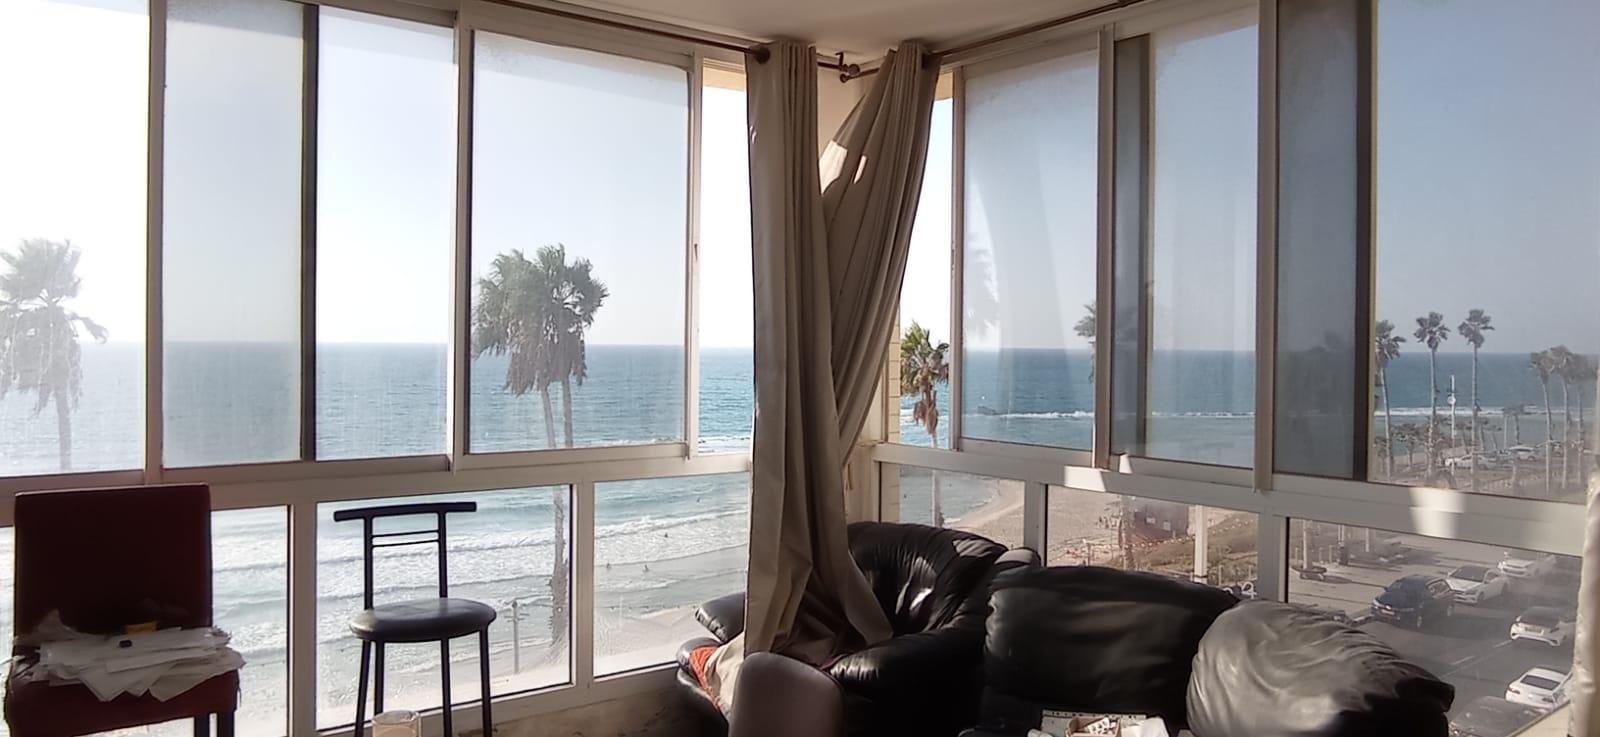 בת ים דירה למכירה 4 חדרים 3,210,000₪, בת ים